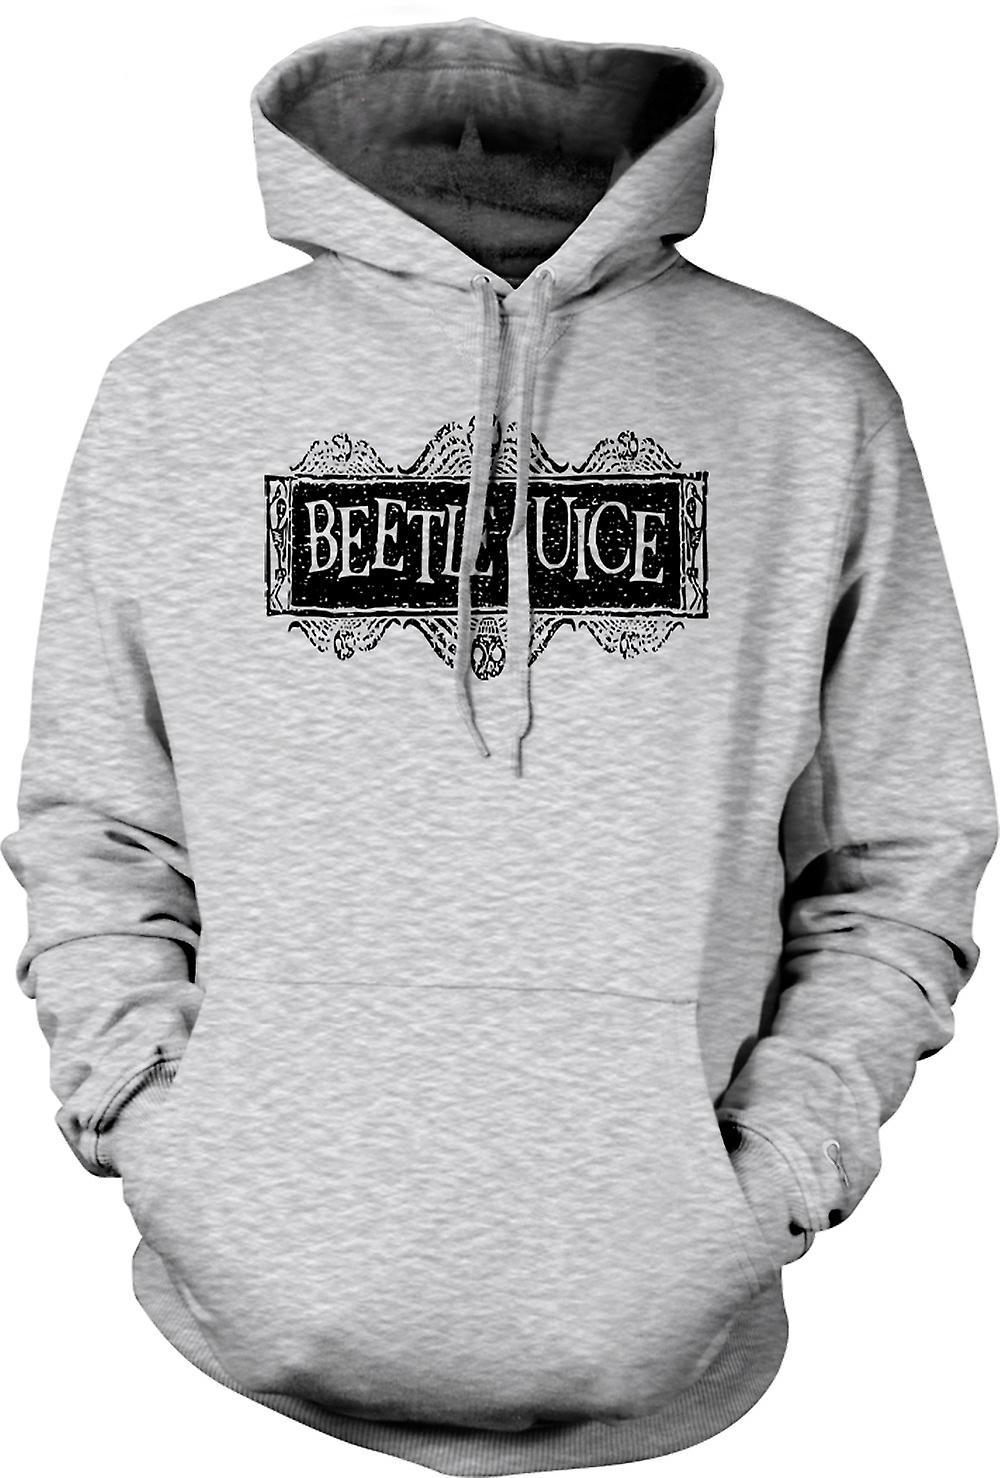 Mens-Hoodie - Beetlejuice - Comedy - Horror - lustig